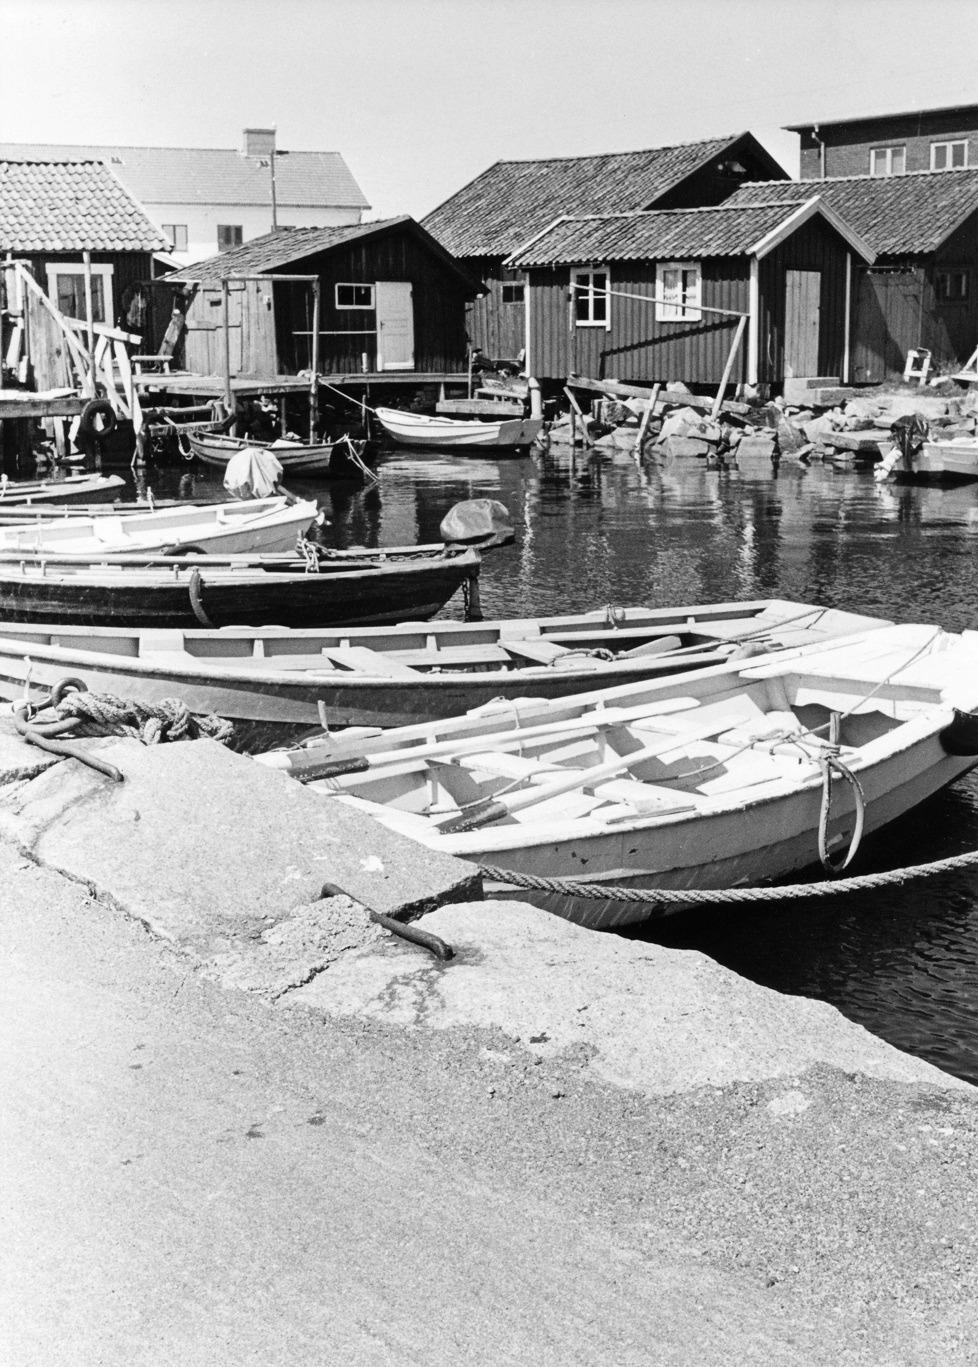 Foto Claes Funck 1968. Bodar och ekor vid Norra Bäckebryggan. Amandus Karlssons sjöbod är den med vit dörr och den vita ekan ligger förtöjd vid Amundus brygga.